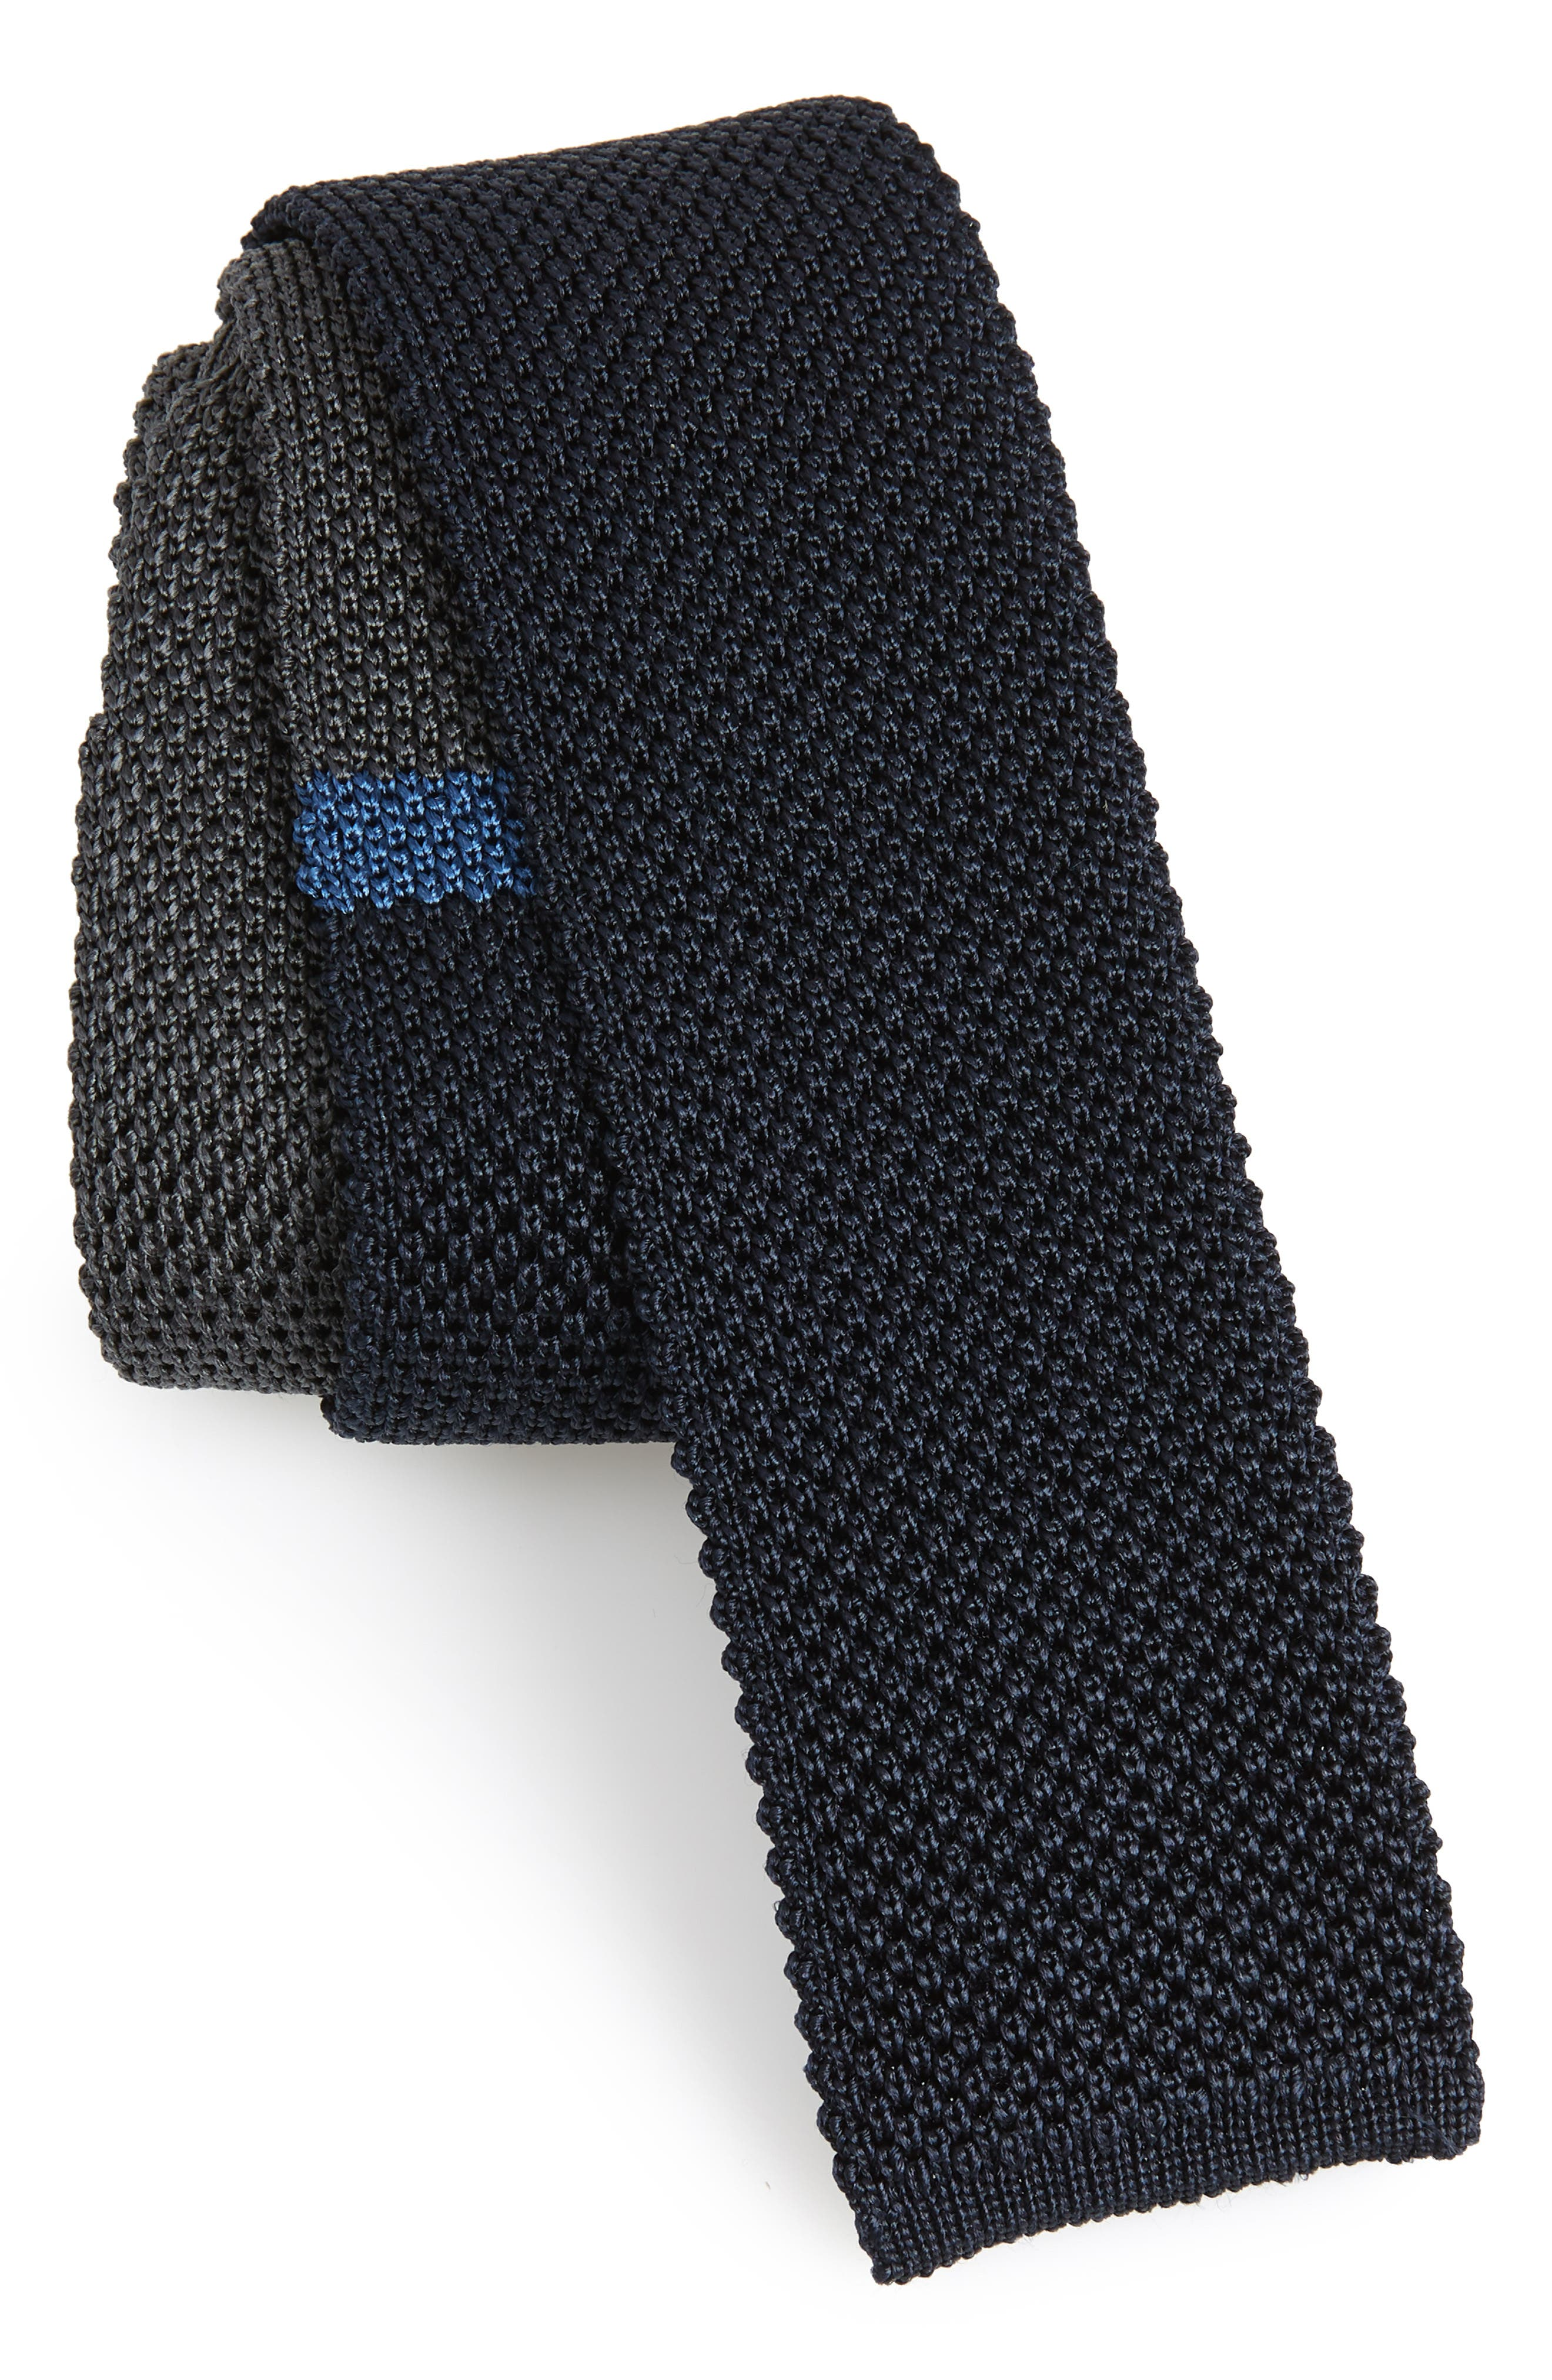 Egeo Knit Silk Tie,                         Main,                         color, Blue/Grey